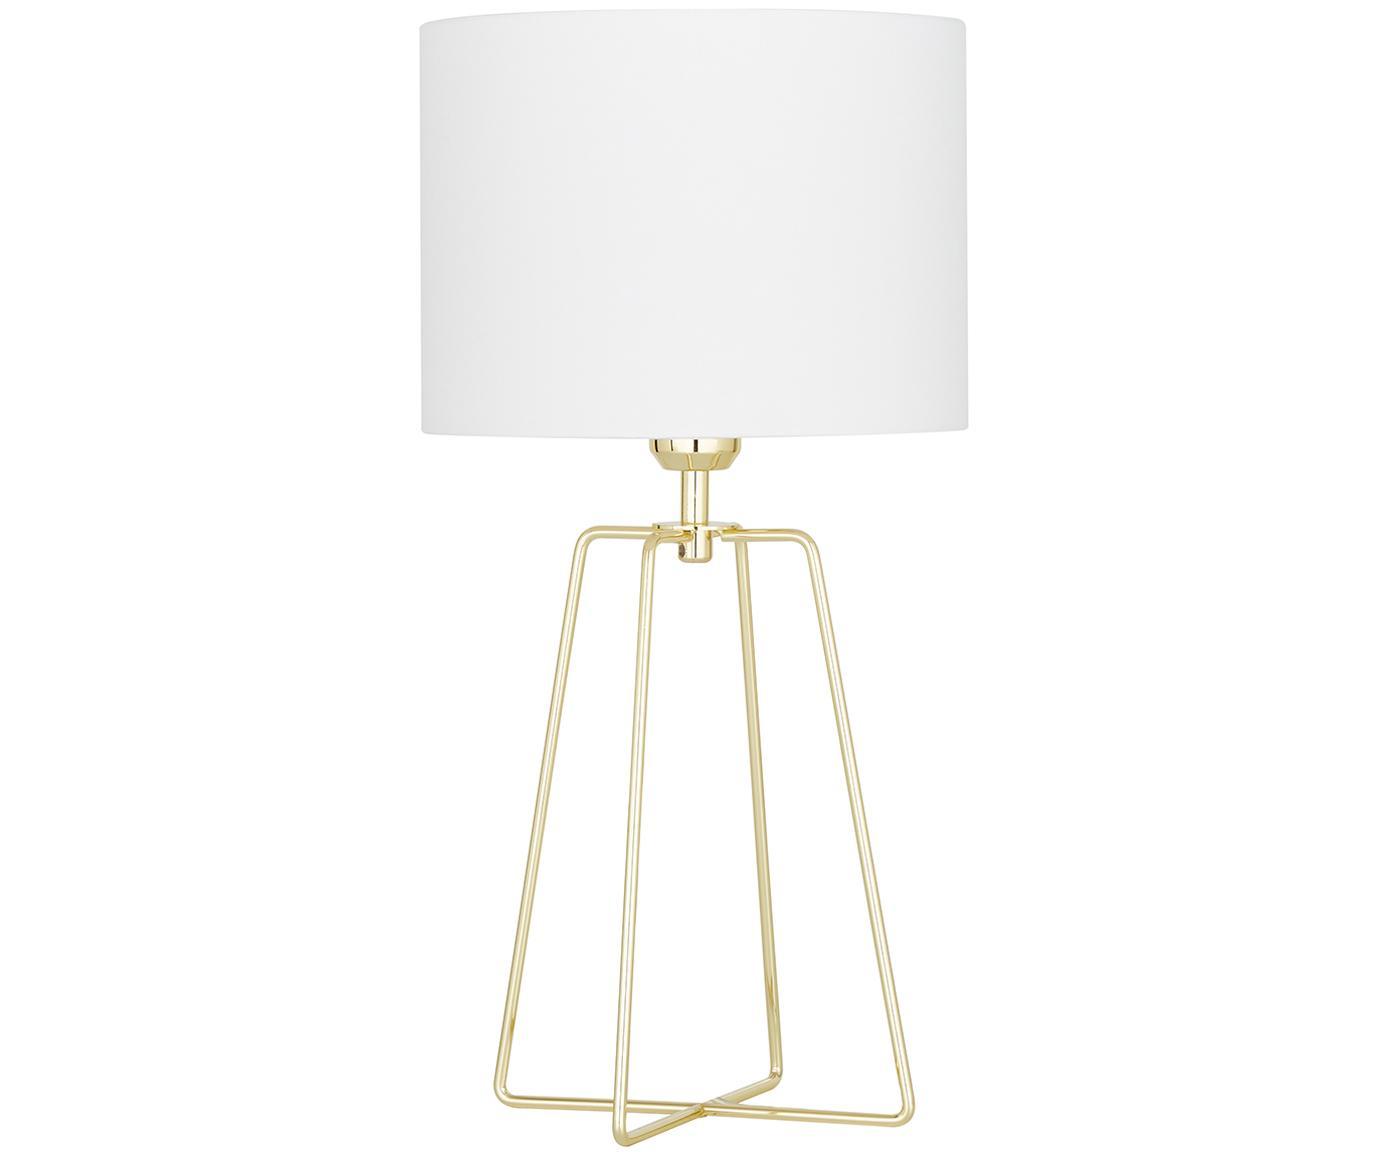 Tischleuchte Karolina, Lampenschirm: Textil, Weiss, Gold, Ø 25 x H 49 cm